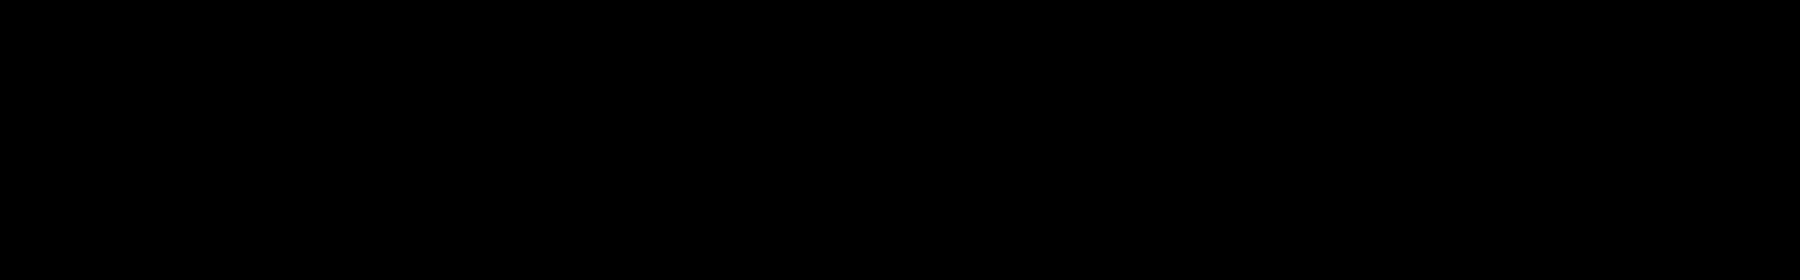 Noir Style Ableton Live Template audio waveform